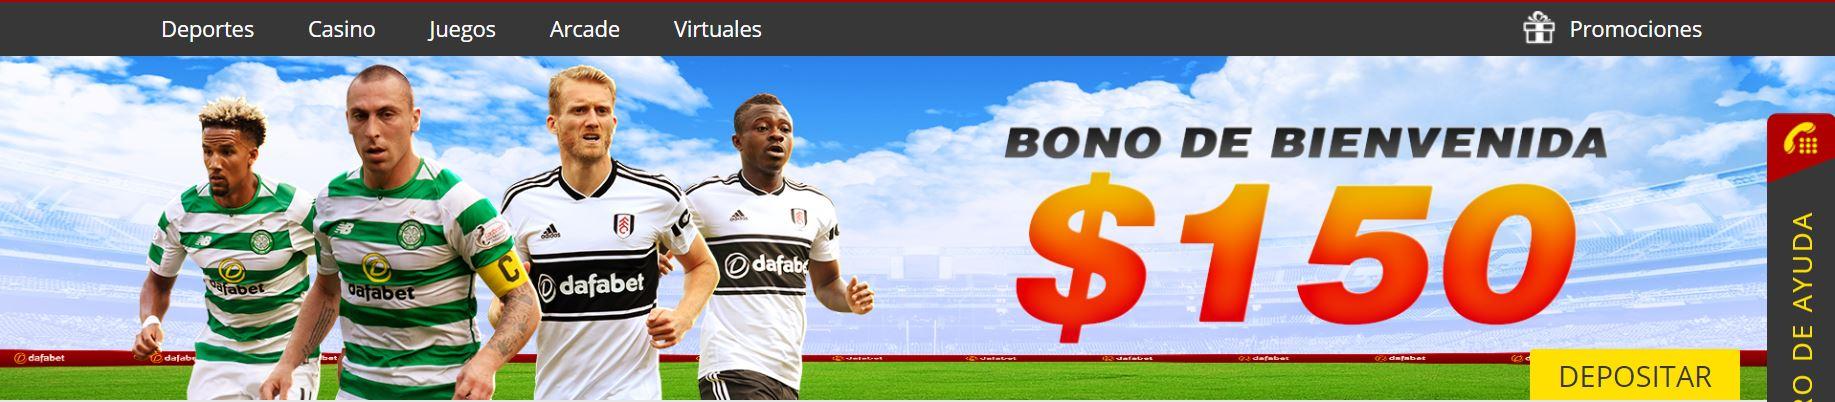 ¿Cuáles son los mejores bonos de bienvenida en Perú? > Conoce el listado de los bonos en las mejores casas de apuestas.